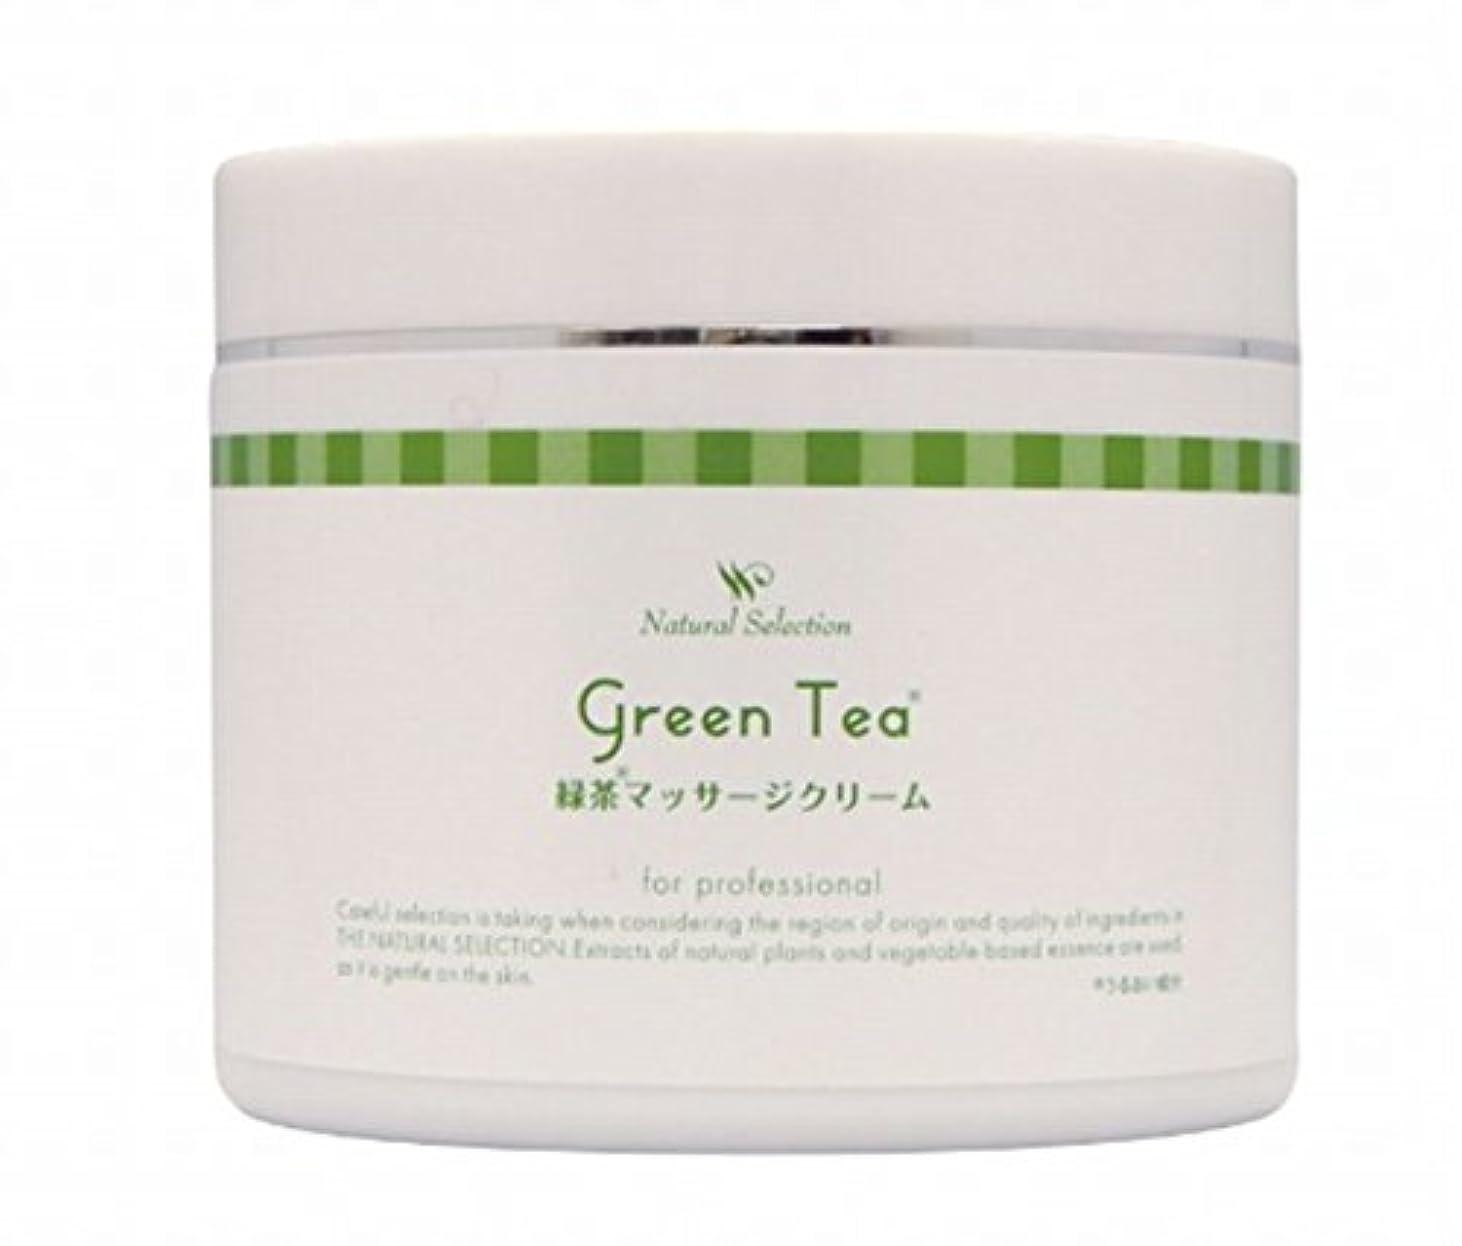 エジプト人監督する食い違い緑茶マッサージクリーム(450g)【フットマッサージ】足もみクリーム